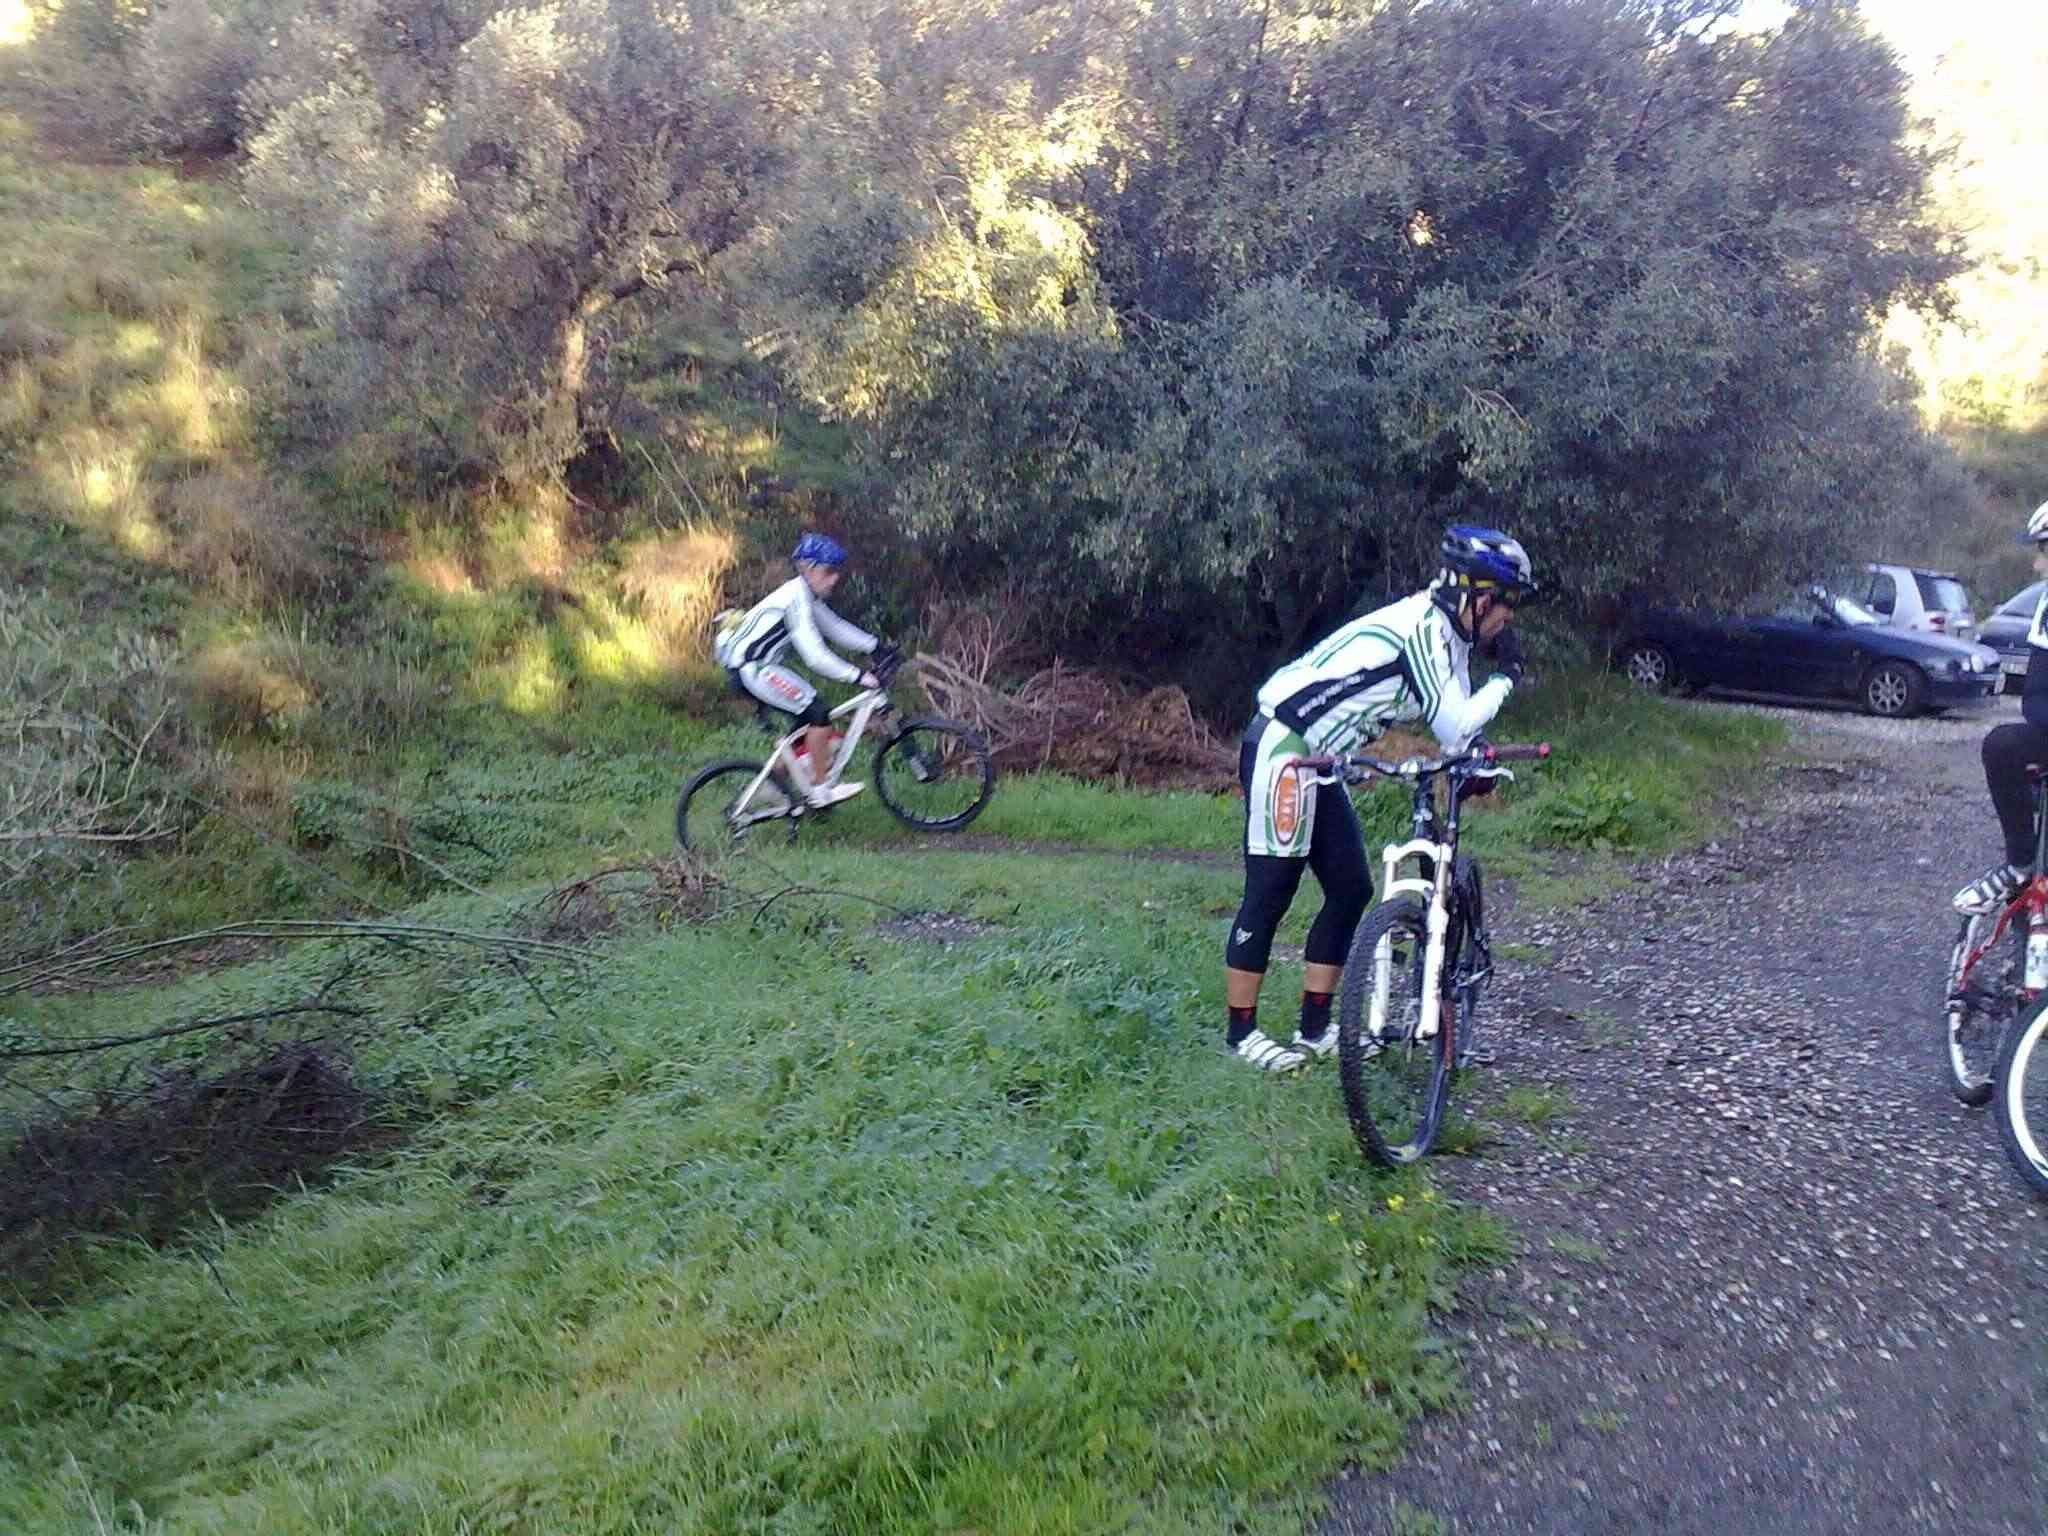 9-1-2011 Rincon-chilches-almayate-rincon 09012013